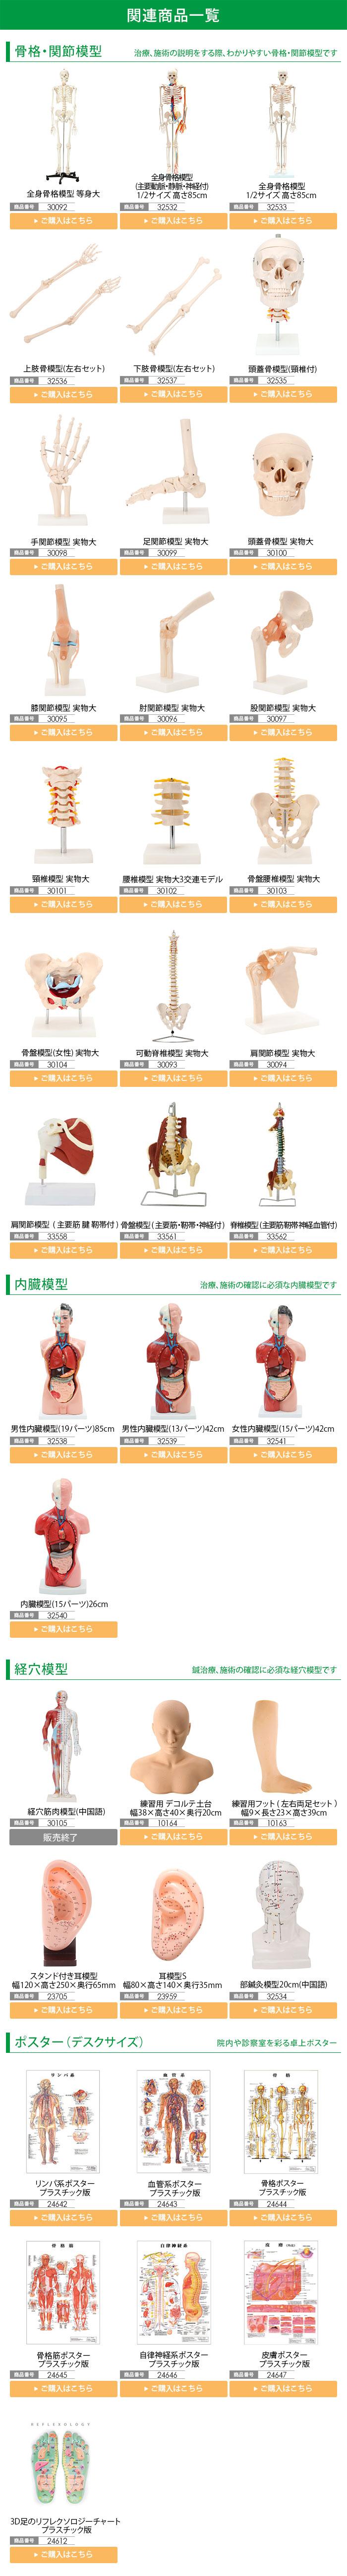 骨格模型関連商品一覧